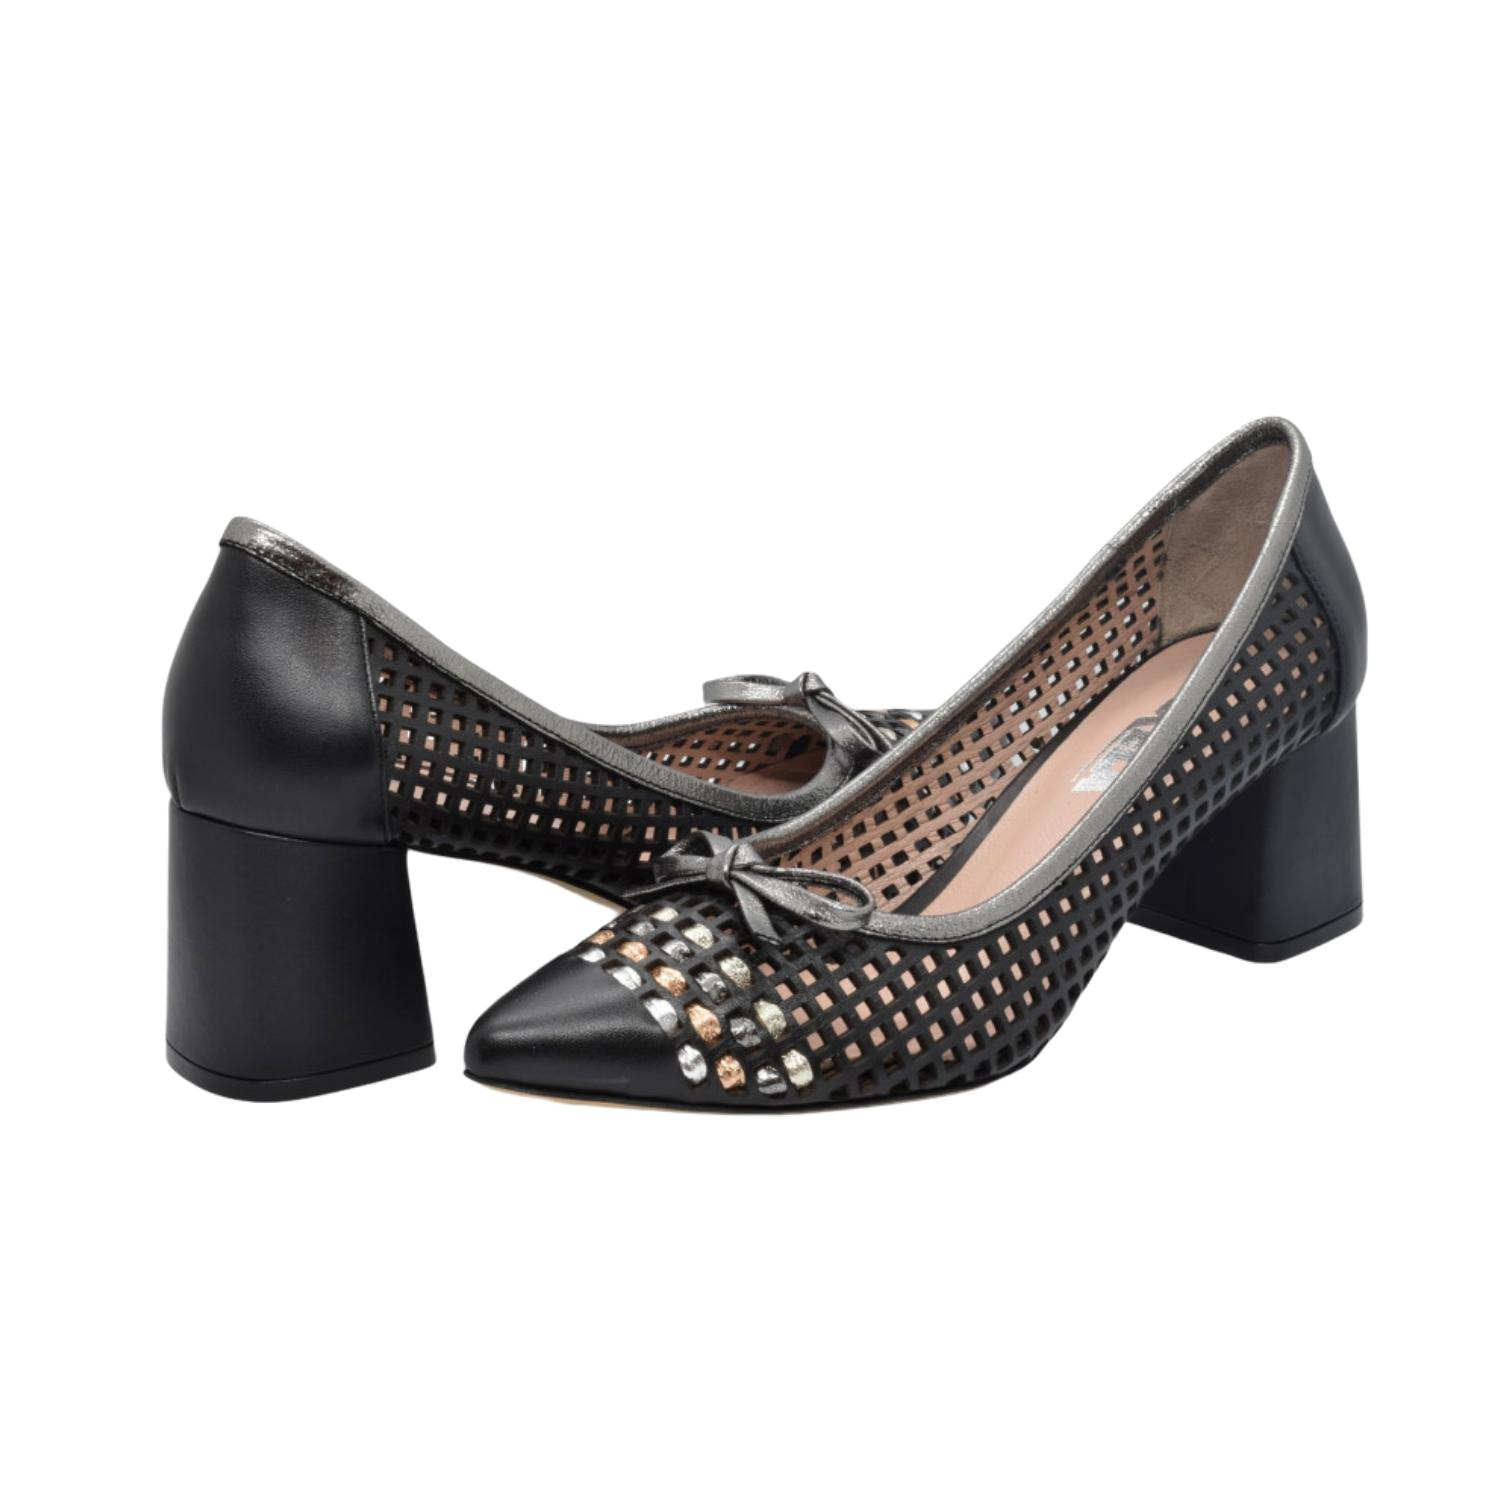 Pantofi negri cu fundita si detaliu colorat